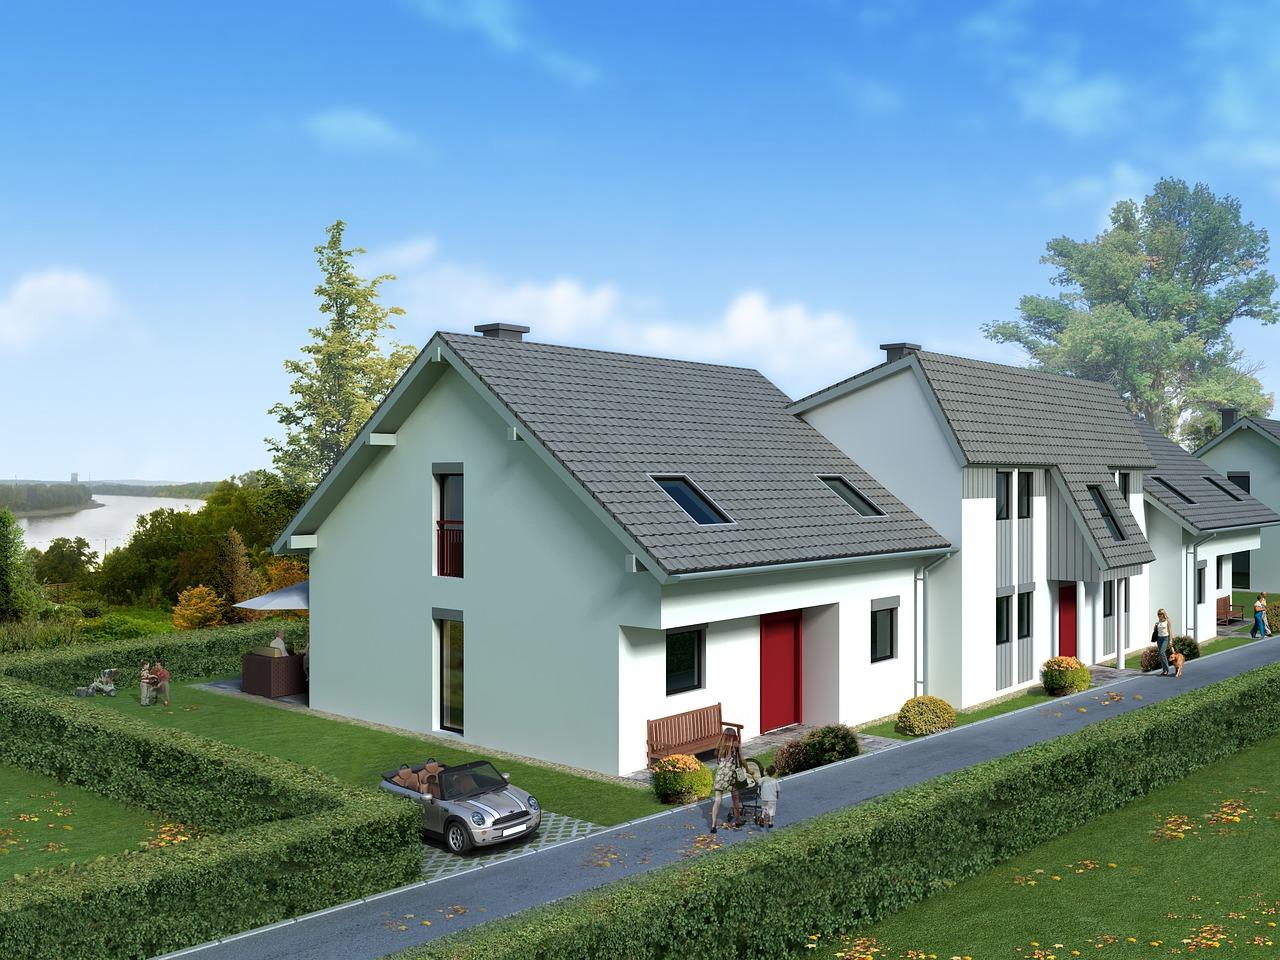 Décoration tendance : quel style adopter pour votre maison ?